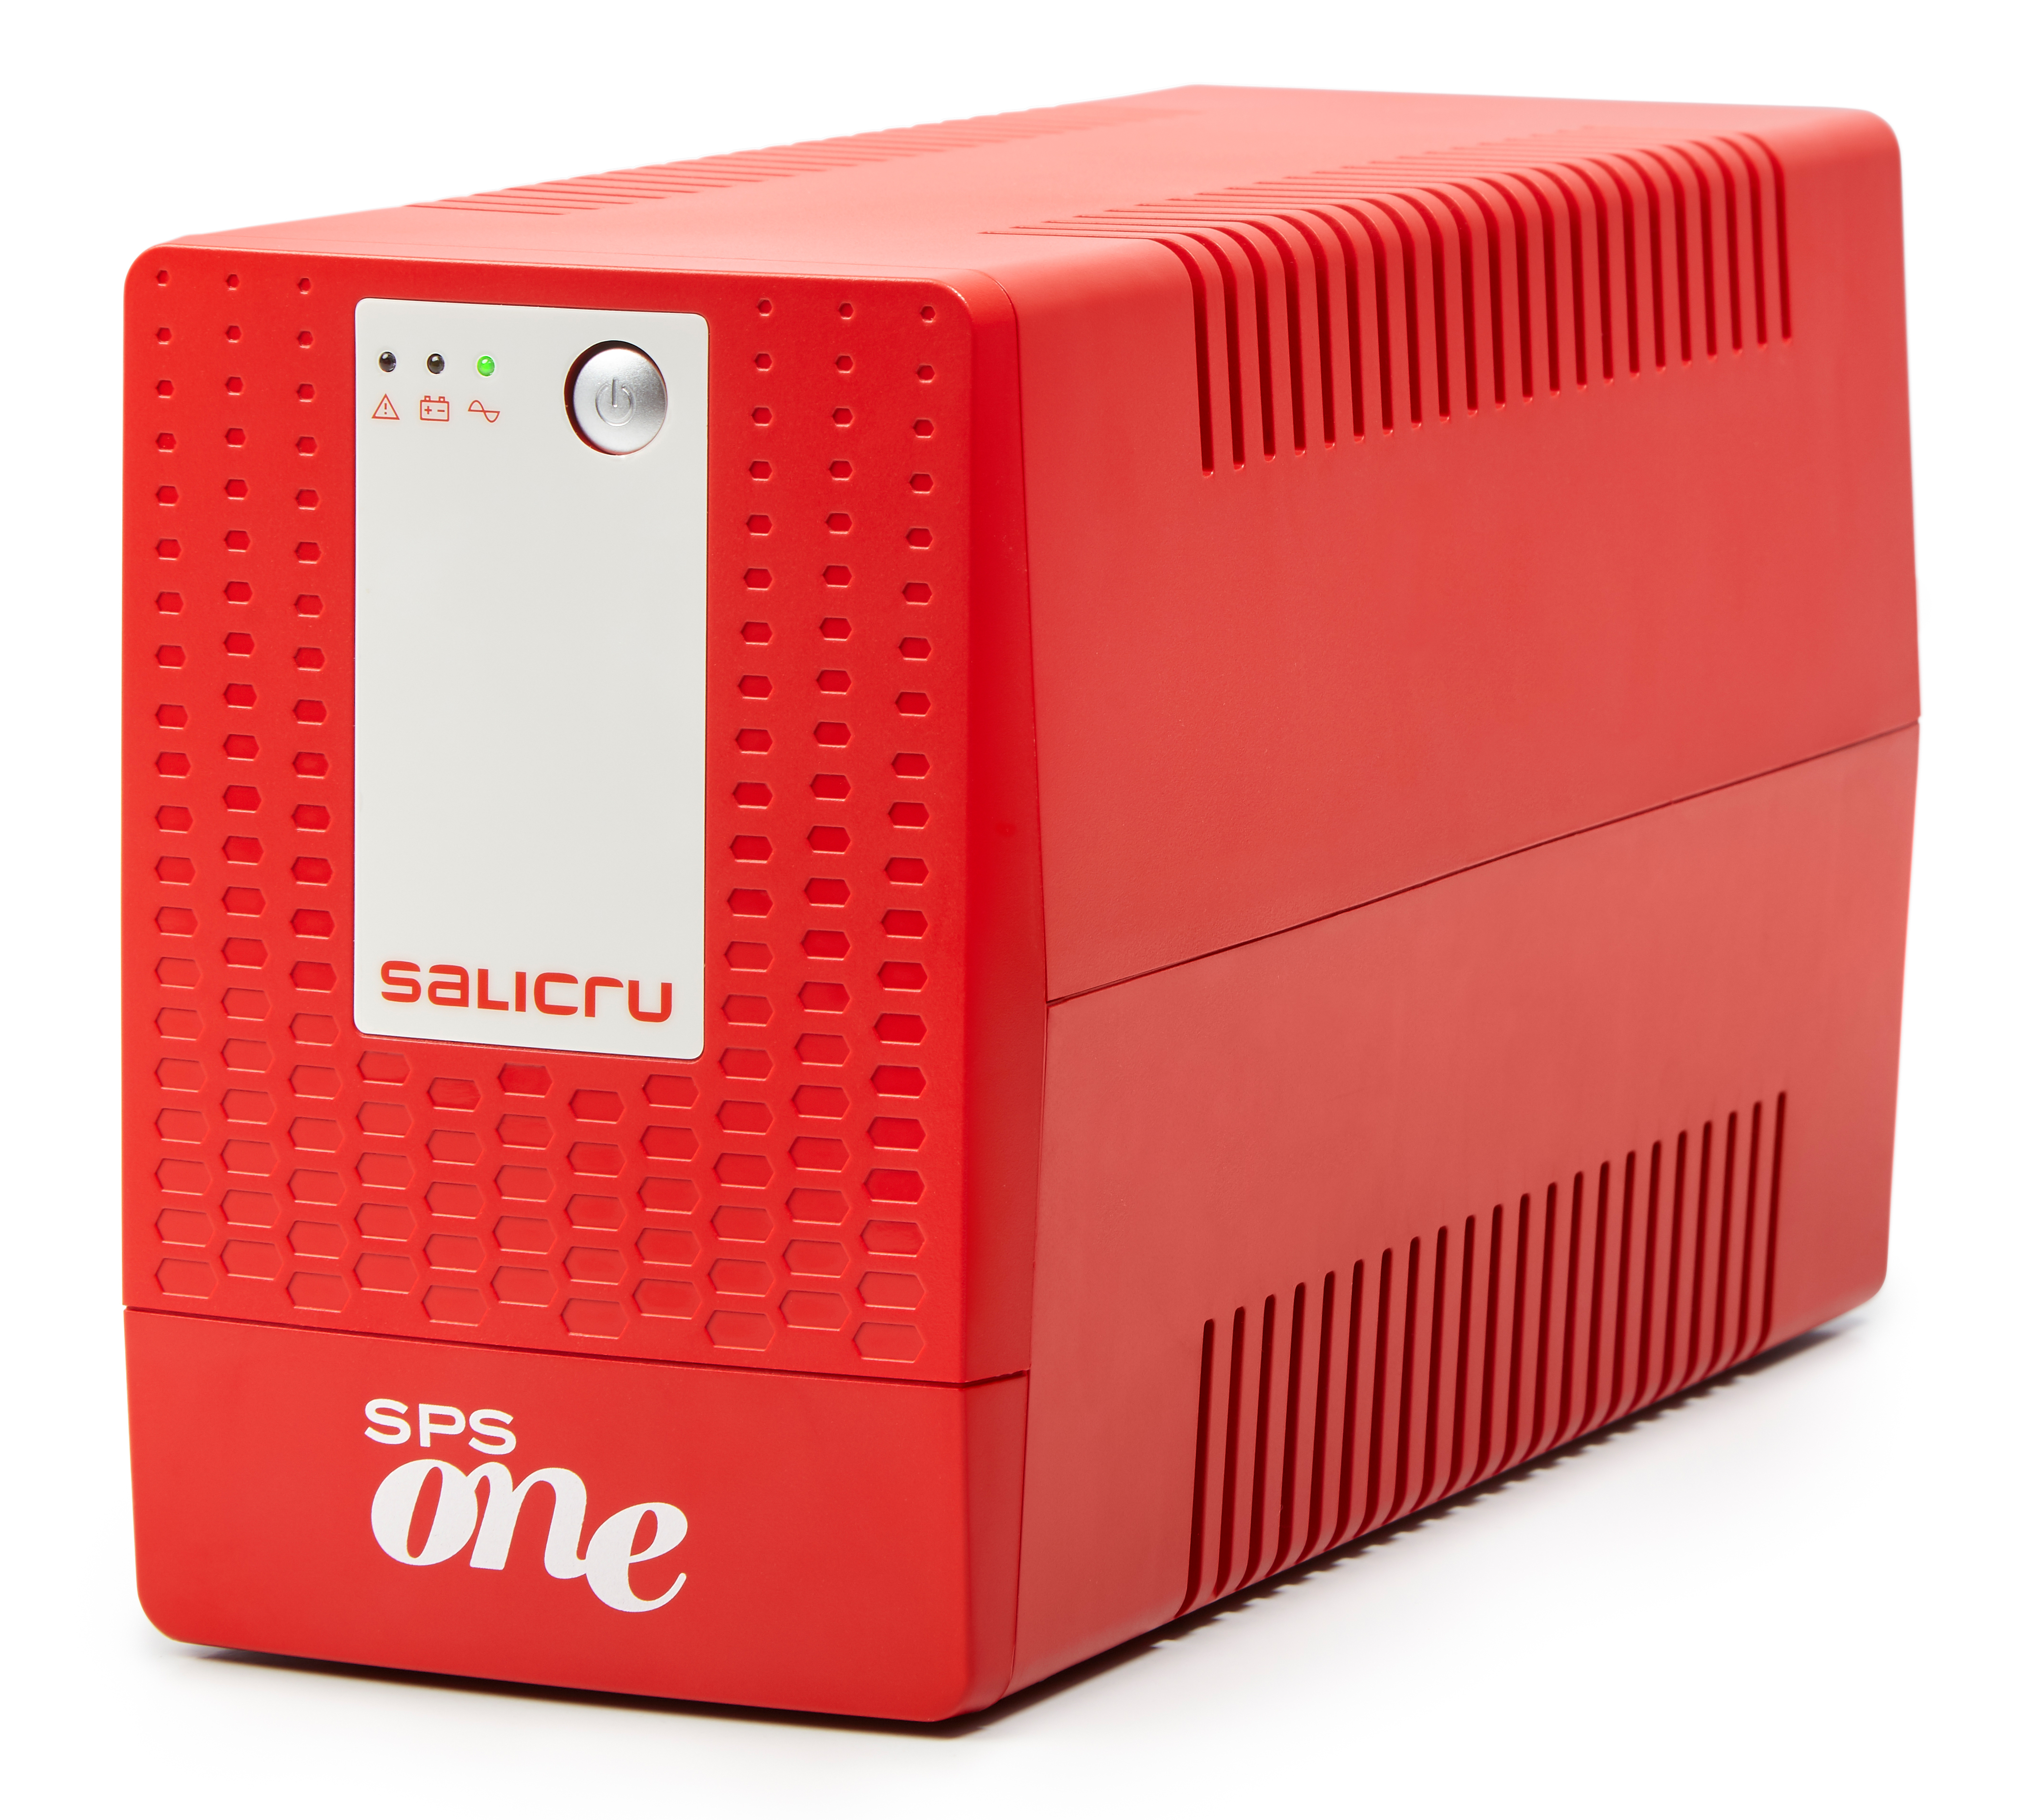 SALICRU USV SPS 1100 ONE IEC Line Int 4 Plugs 1100VA/600W - (Offline-) USV